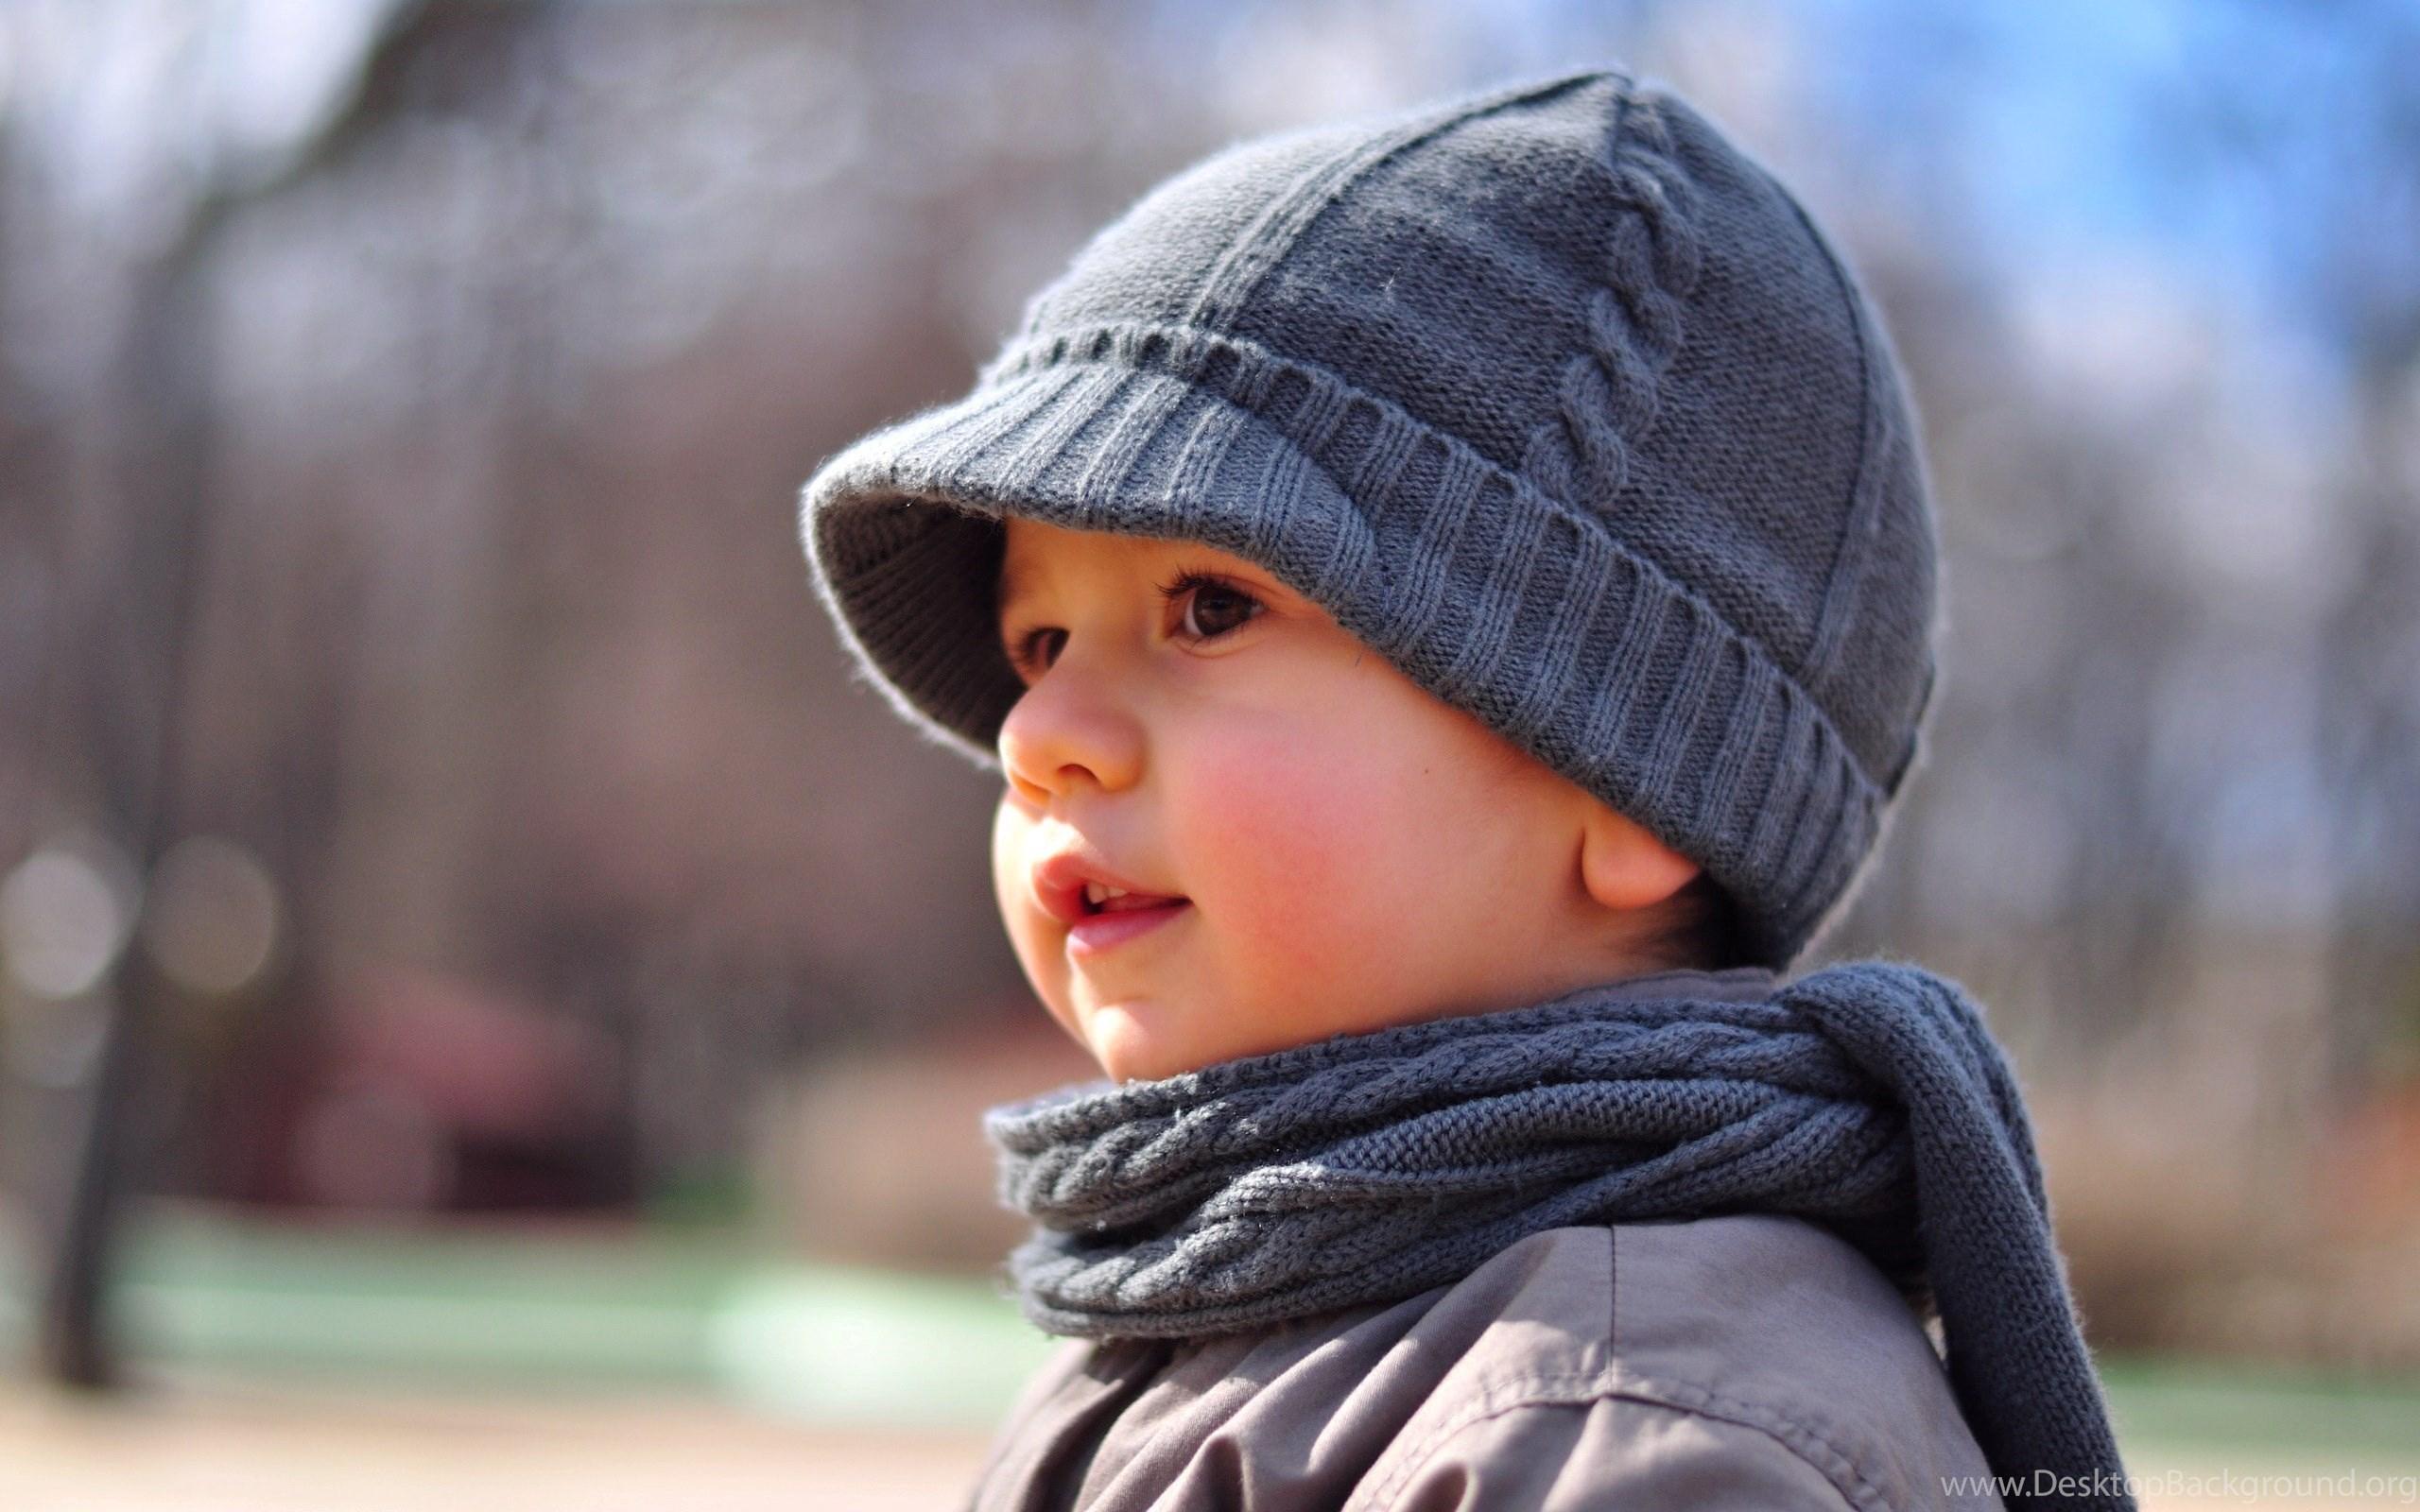 Cute Boy Kid Portrait Hat Scarf Bokeh Hd Wallpapers Desktop